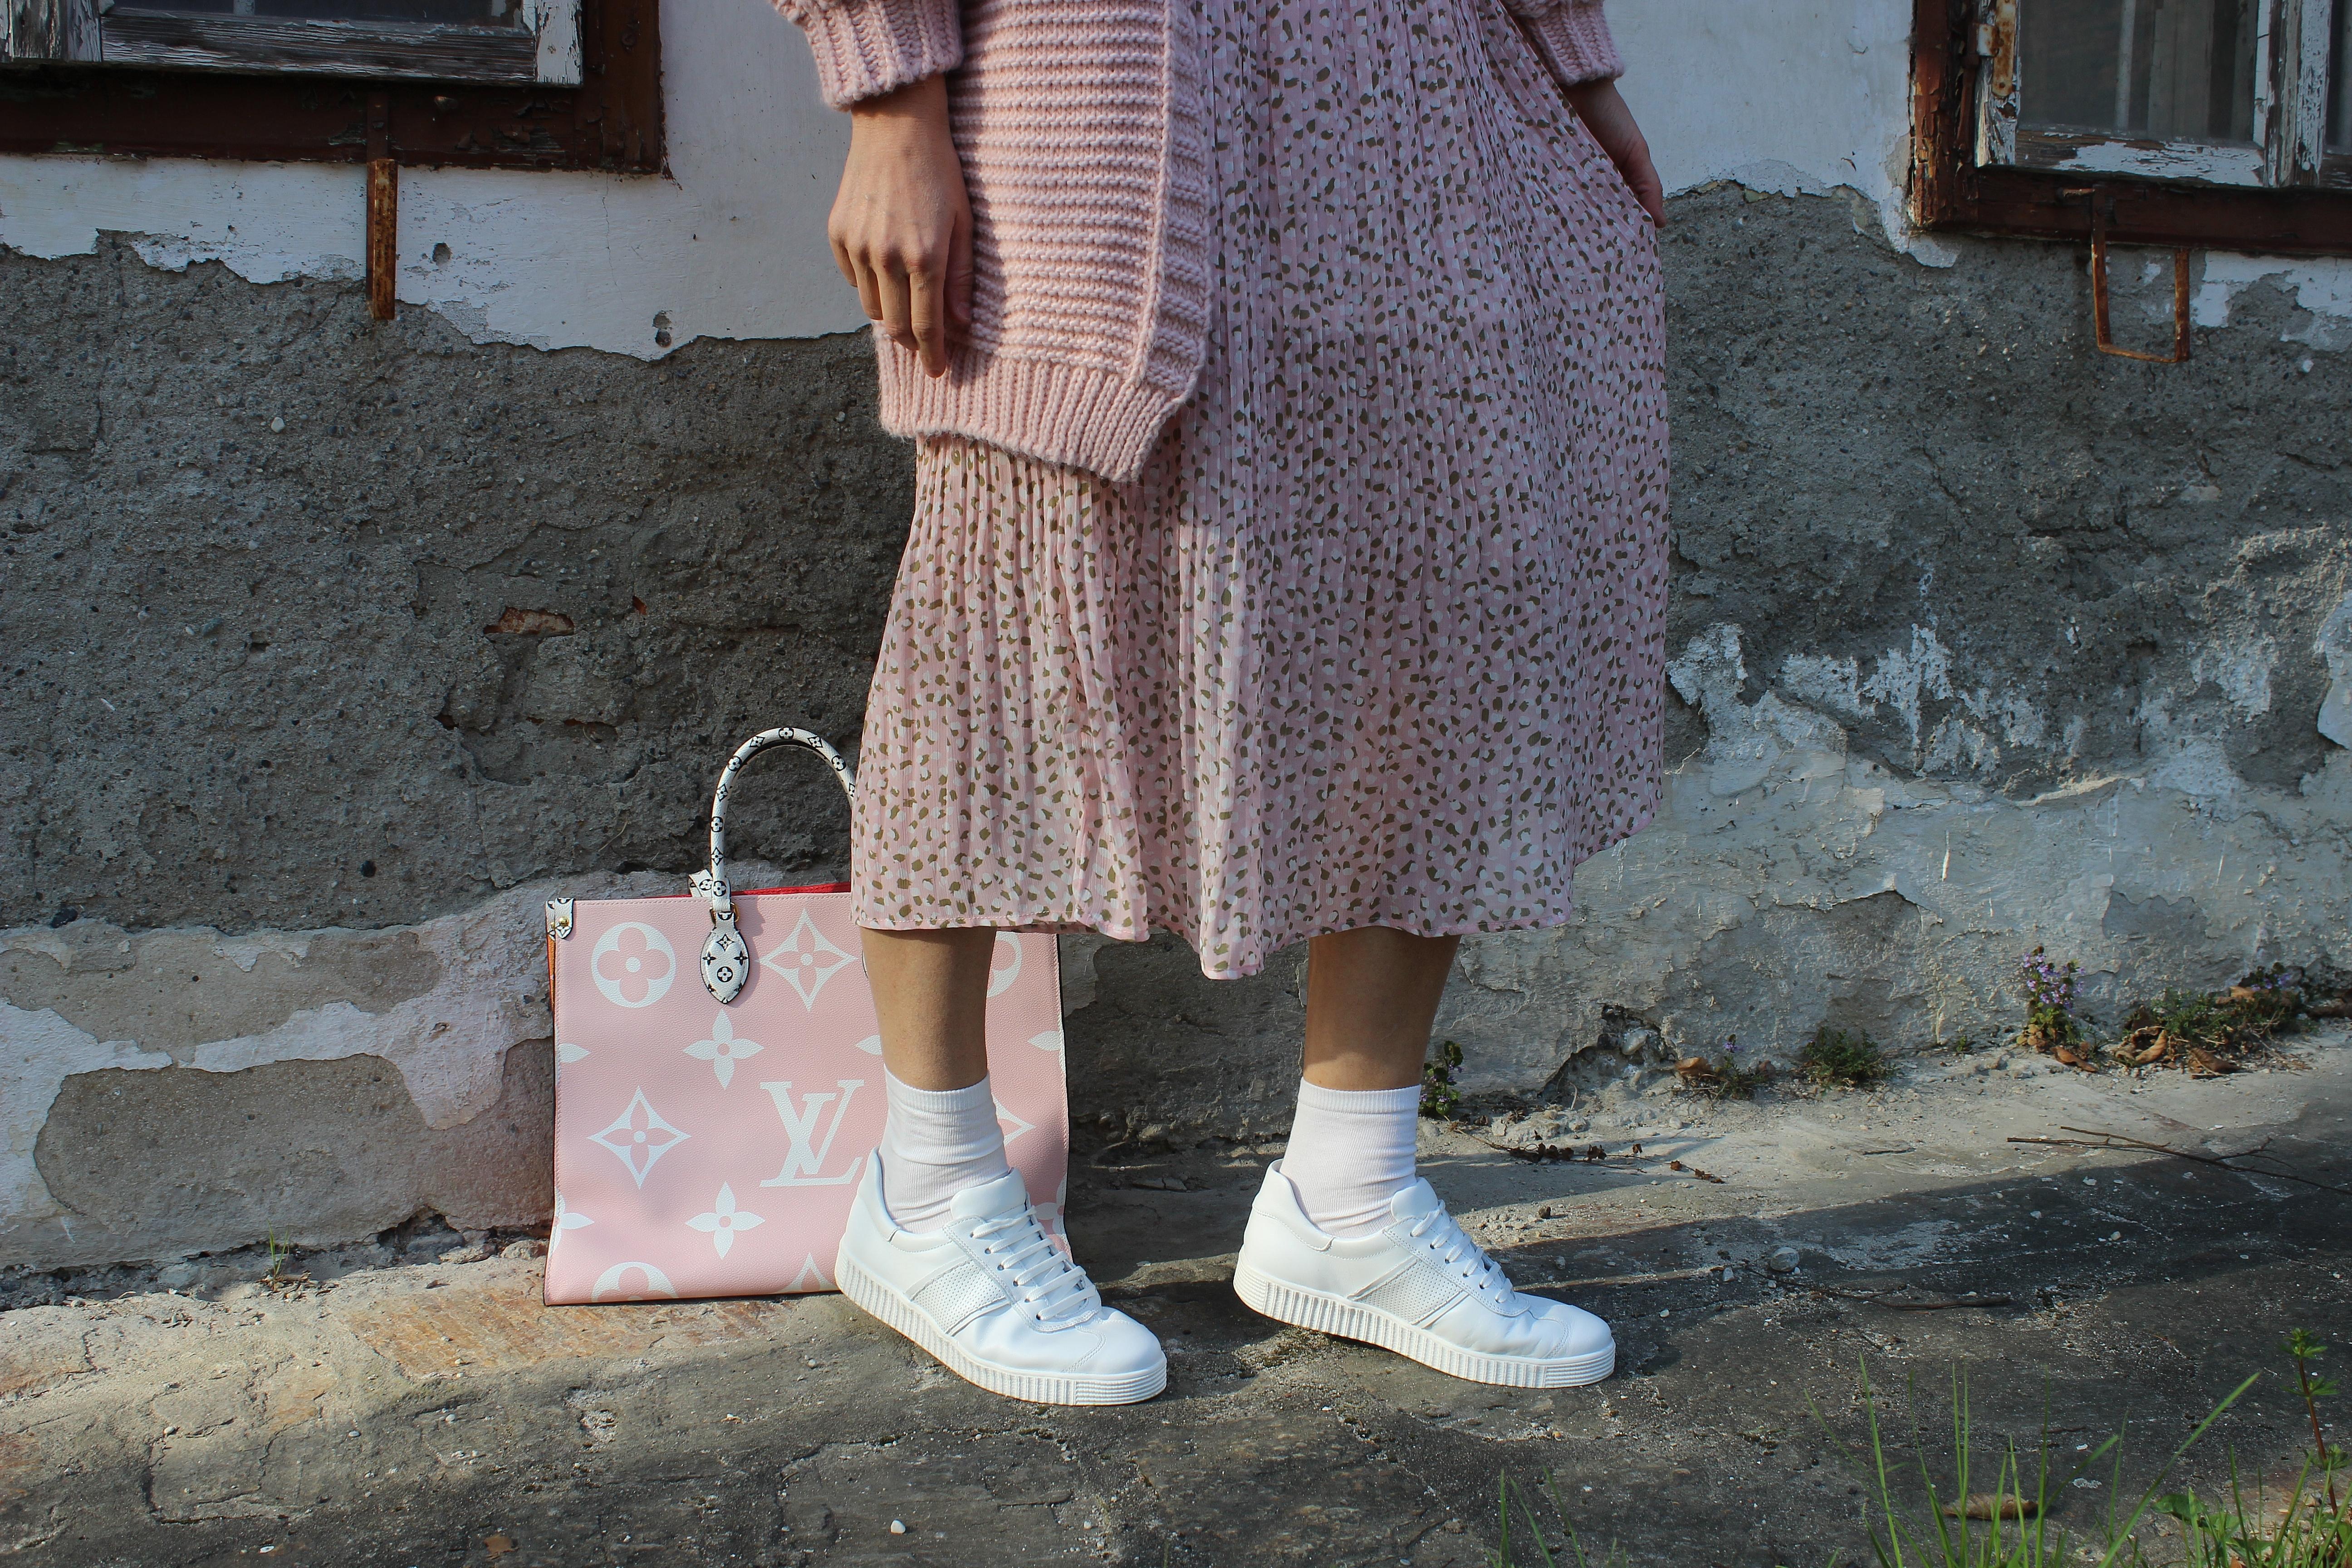 Lashoe-Hallux-Gesundheitsschuhe-Sneaker Retro Weiß- carrieslifestyle-Tamara-Prutsch-Louis Vuitton On the Go-Tasche